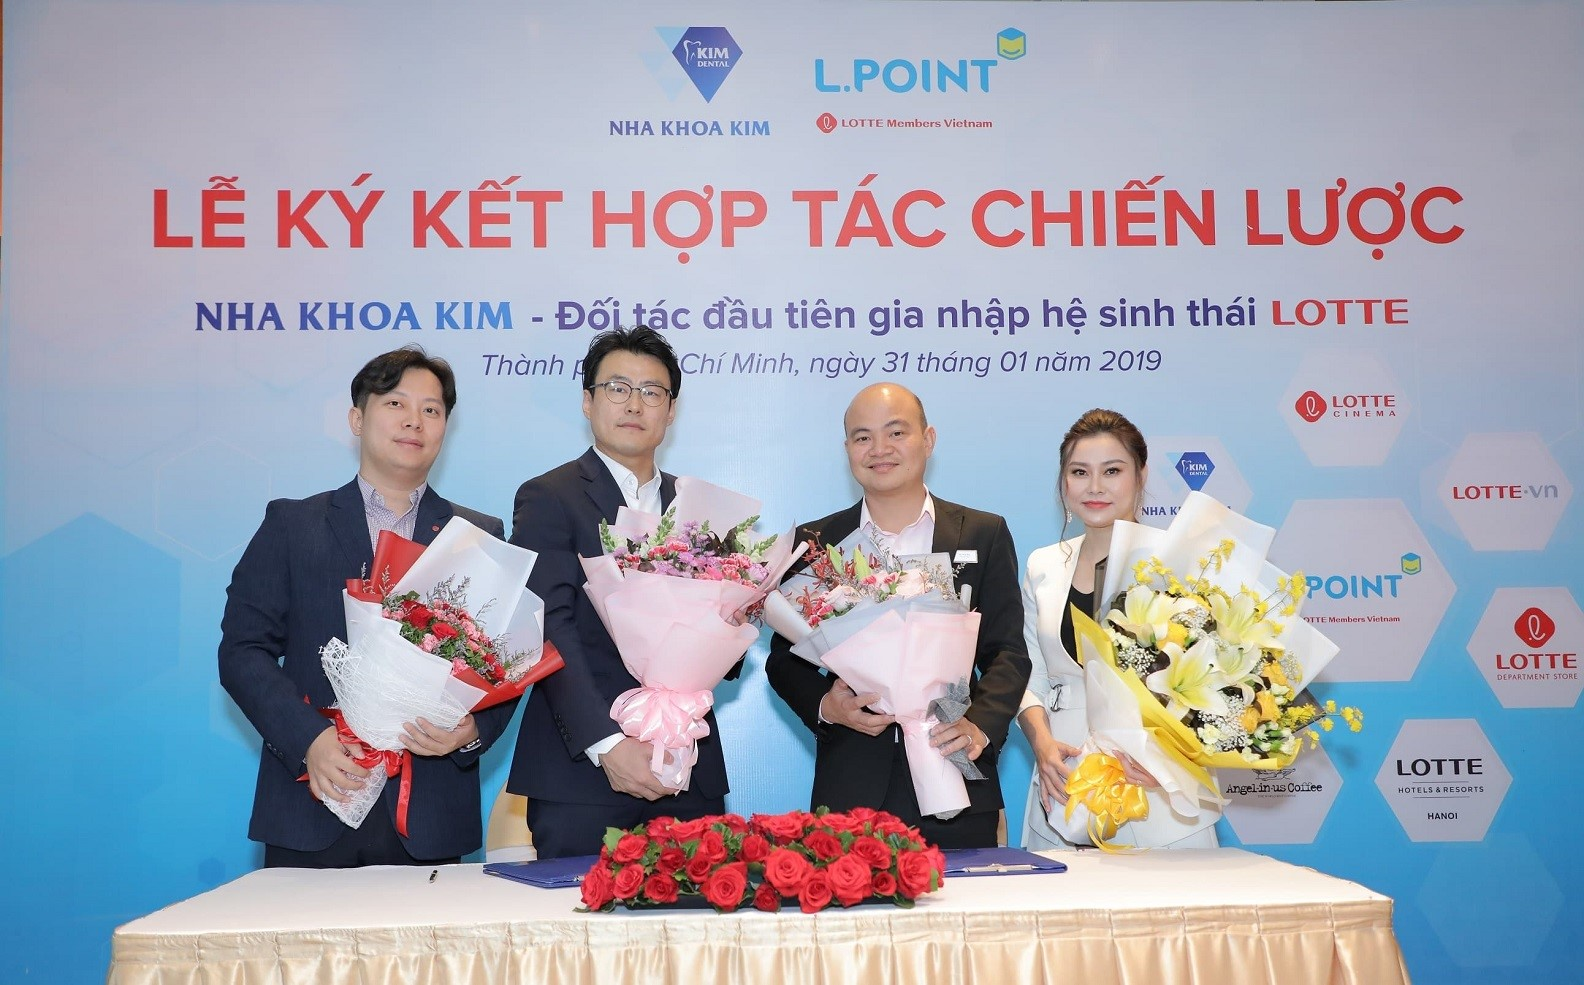 Nha khoa Kim là doanh nghiệp Việt Nam đầu tiên tham gia vào hệ sinh thái của tập đoàn Lotte